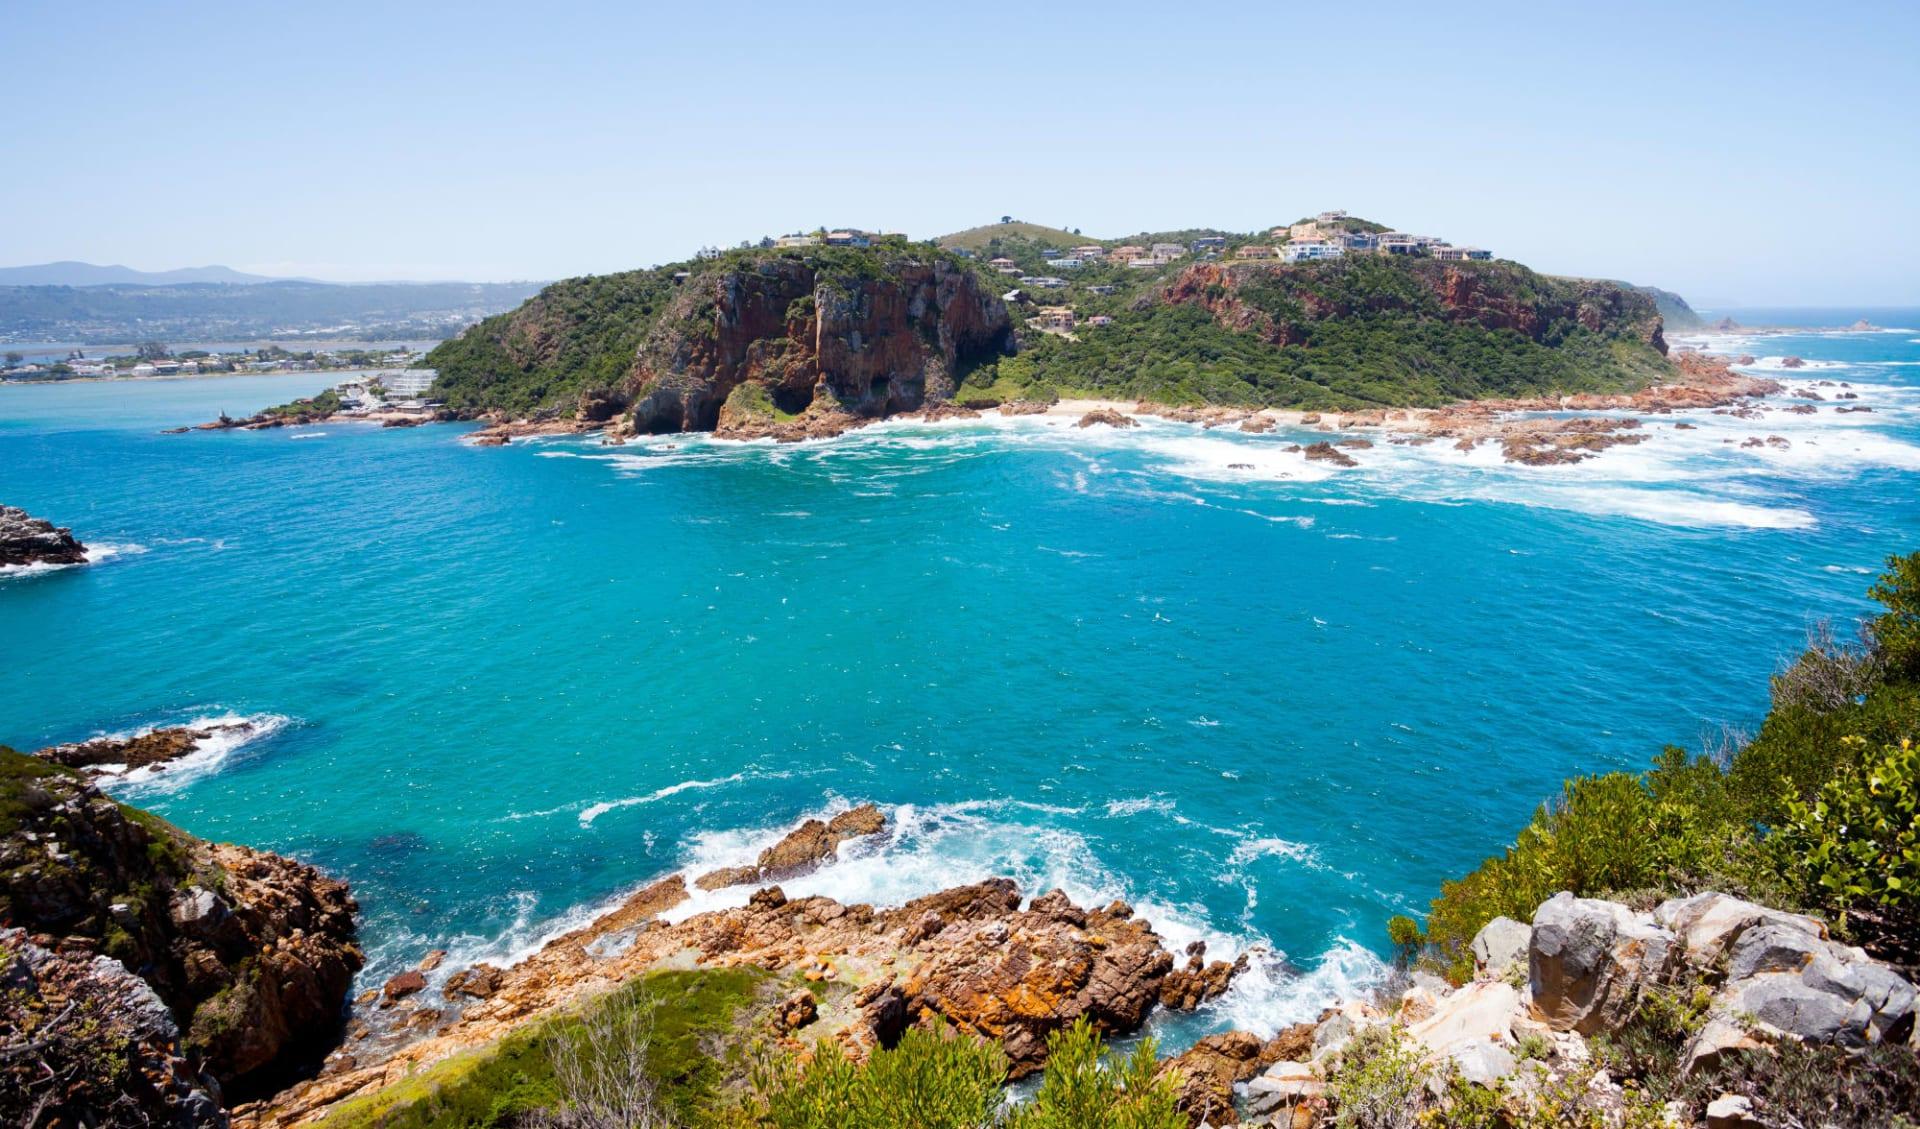 Kaléidoscope du Cap ab Kapstadt: Südafrika - Garden Route - Knysna Lagune